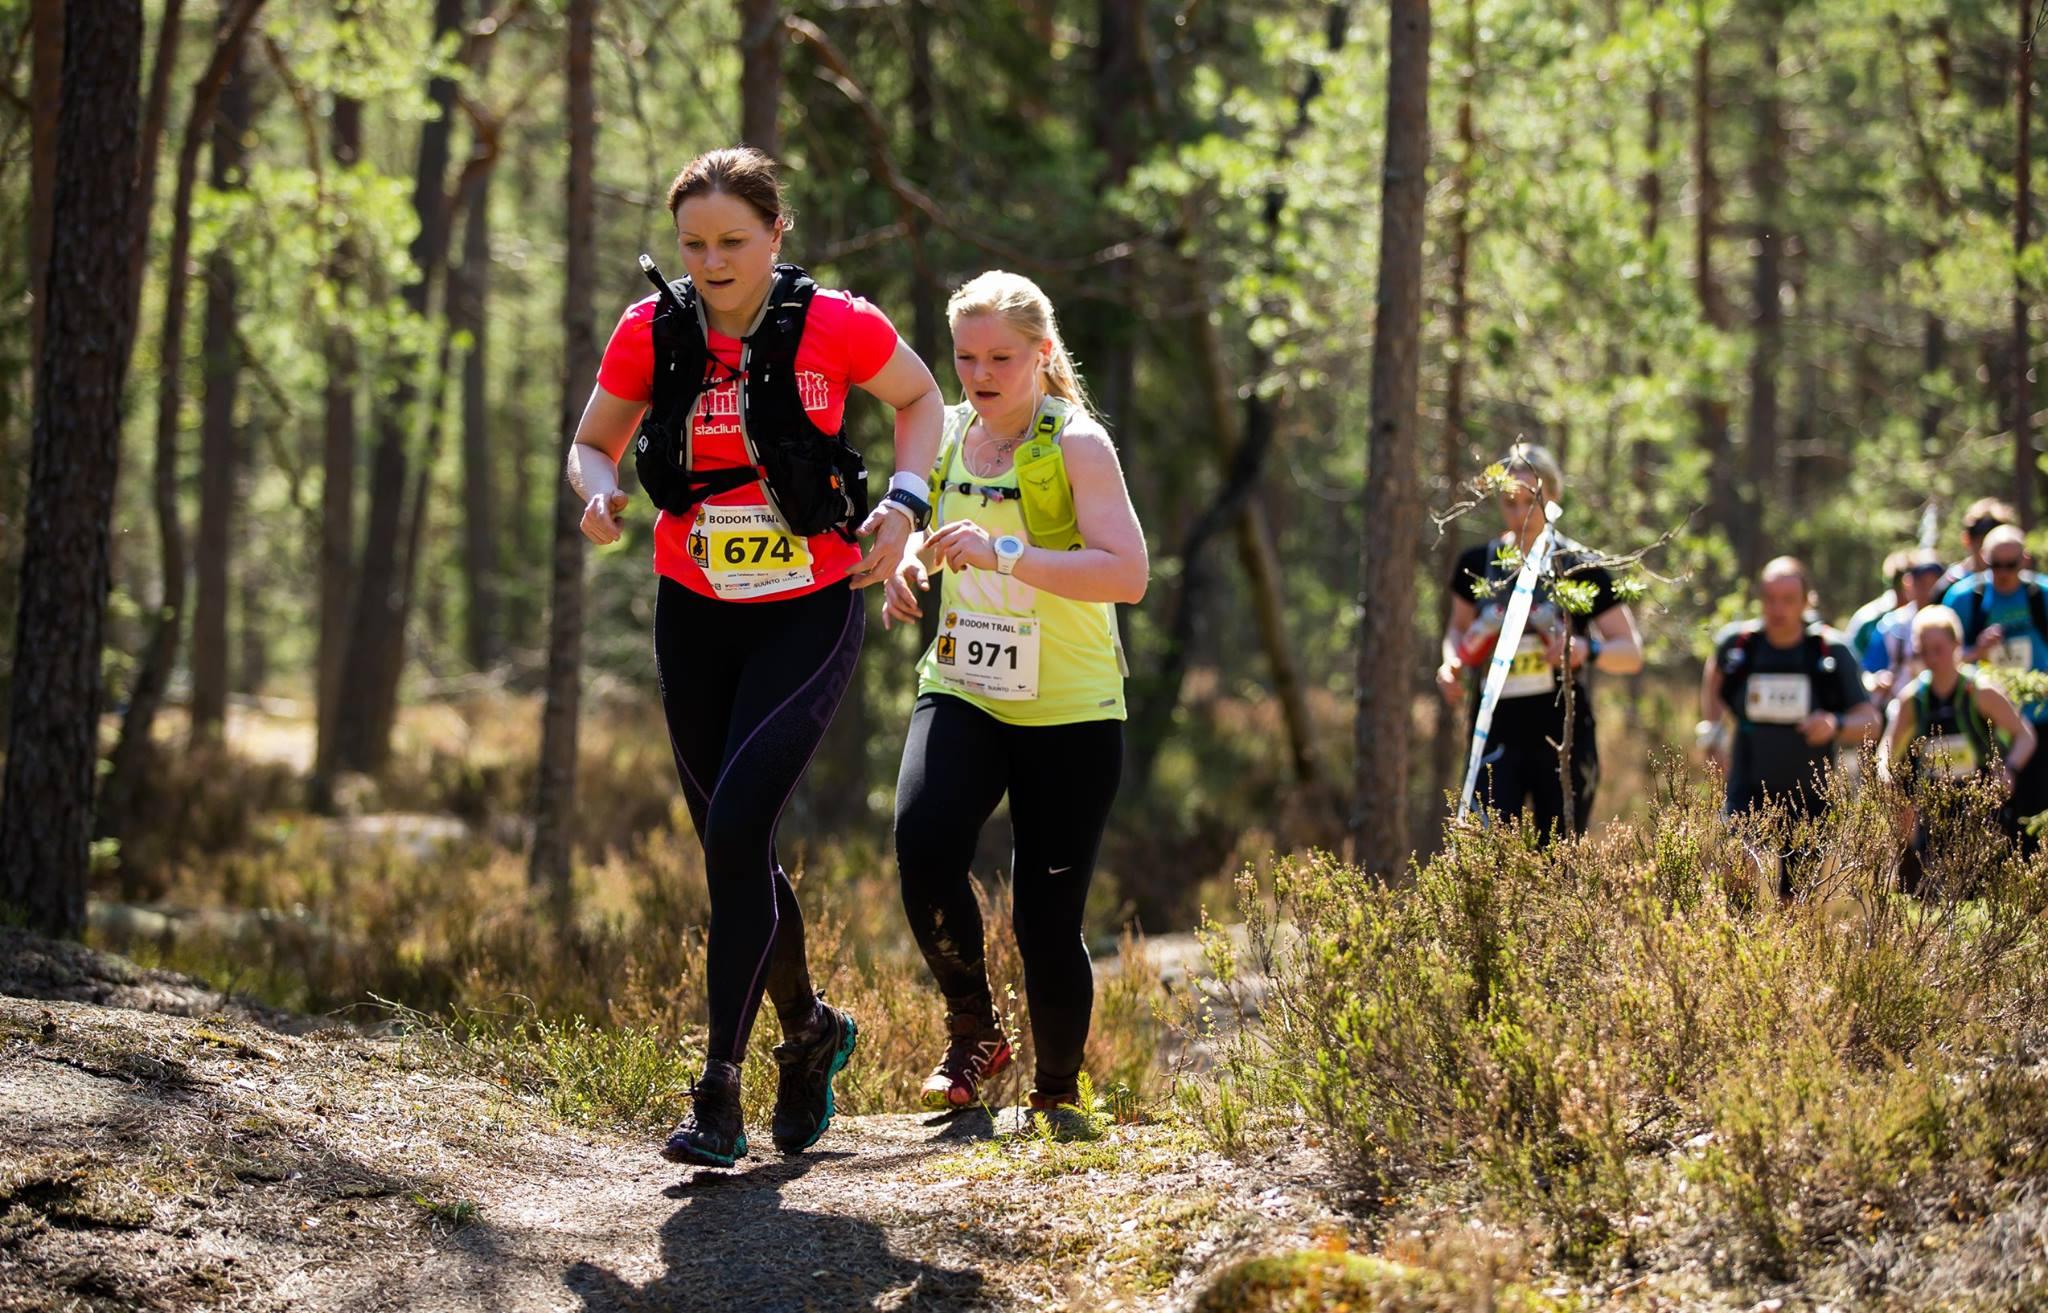 Marjo Snellman pitää vauhtia 21km:n sarjassa Hynkänlammen rantapolulla. Kuva: Poppis Suomela